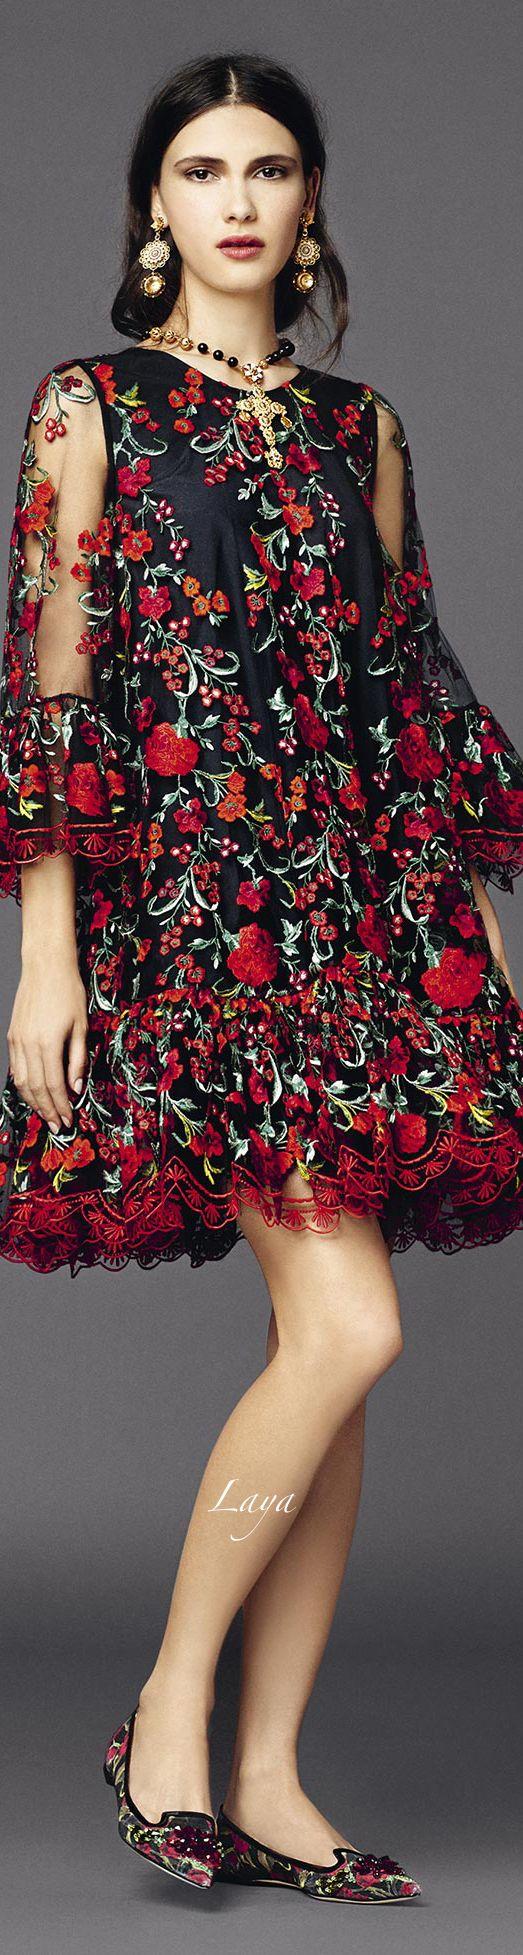 best fabulous florals images on pinterest fashion show